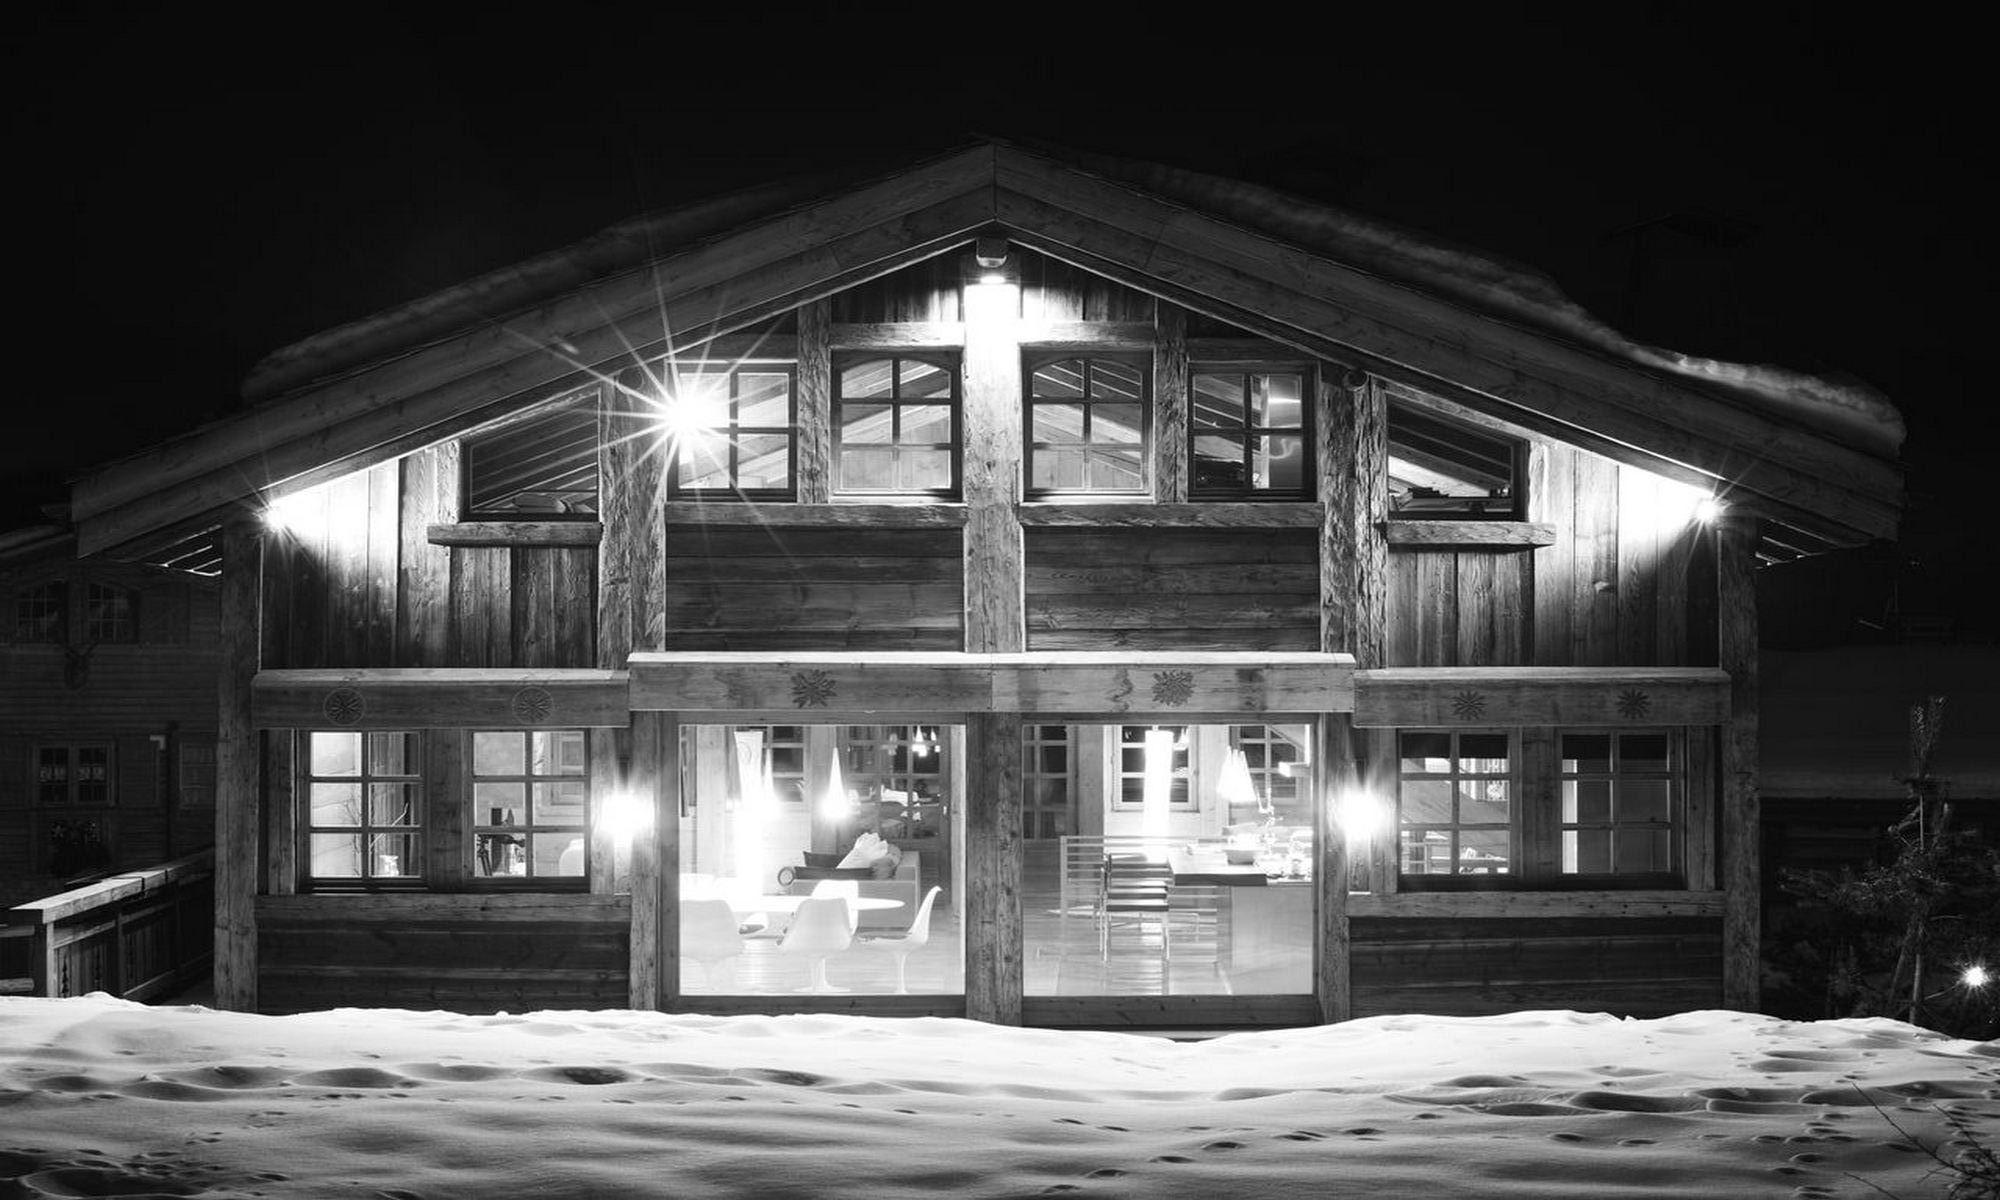 Property For Sale at Mont d'Arbois - Megève Chalet Alpinia